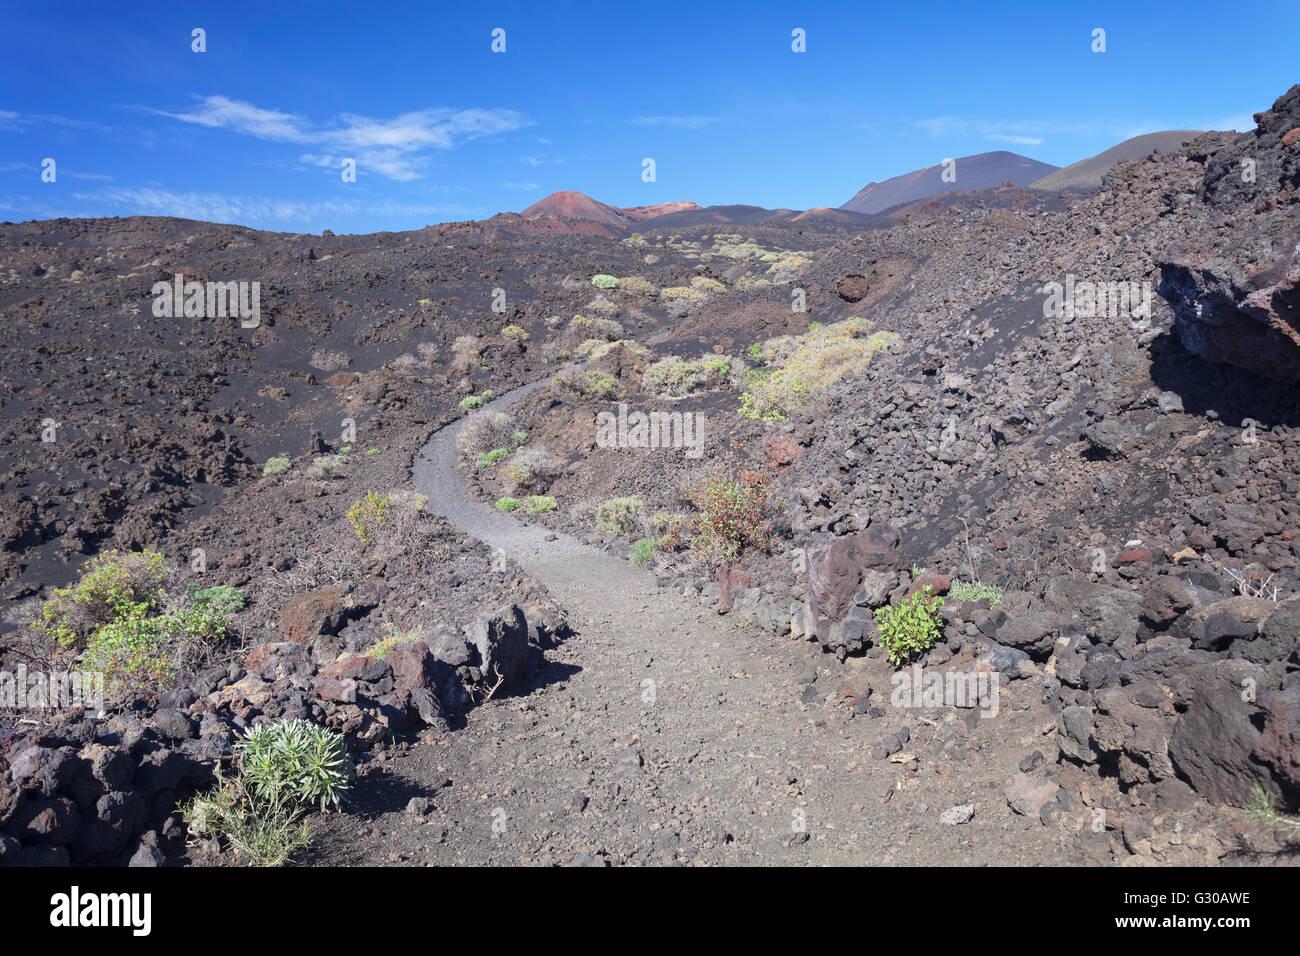 Ruta de los Volcanes, Teneguia Volcano left, Monumento Natural de los Volcanes de Teneguia, La Palma, Canary Islands - Stock Image